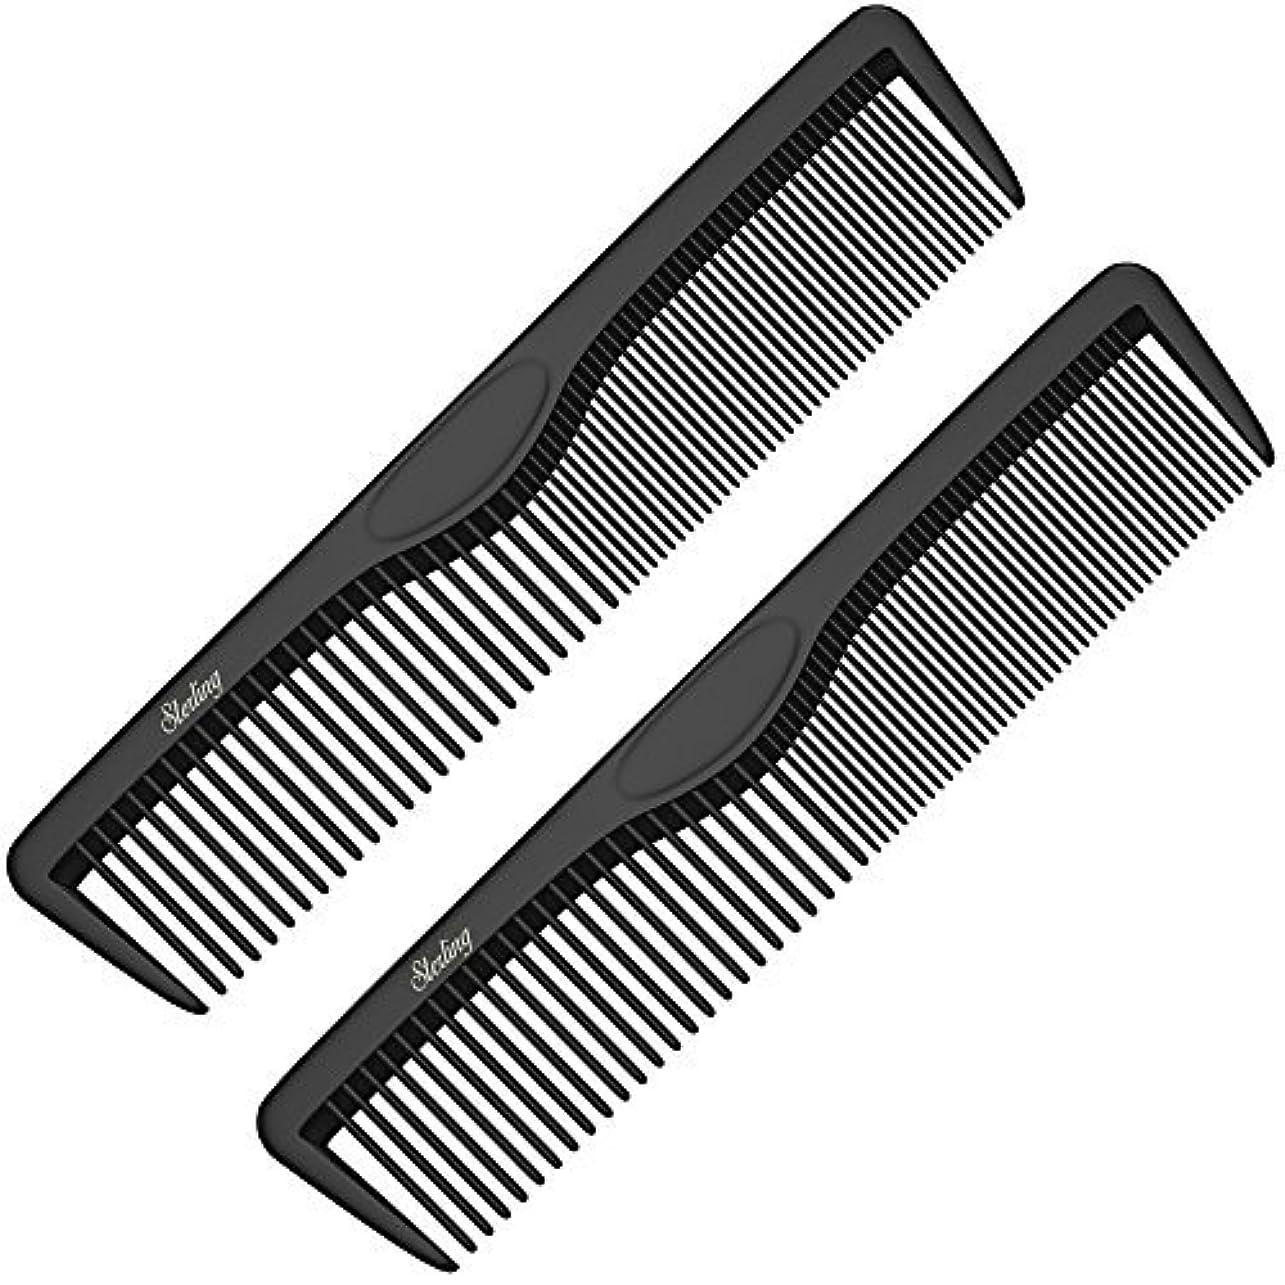 路地磁気メロディアスPocket Combs | 2 Pack | Professional 5 Inch Black Carbon Fiber Hair Comb | Fine And Wide Tooth Travel Comb Set...